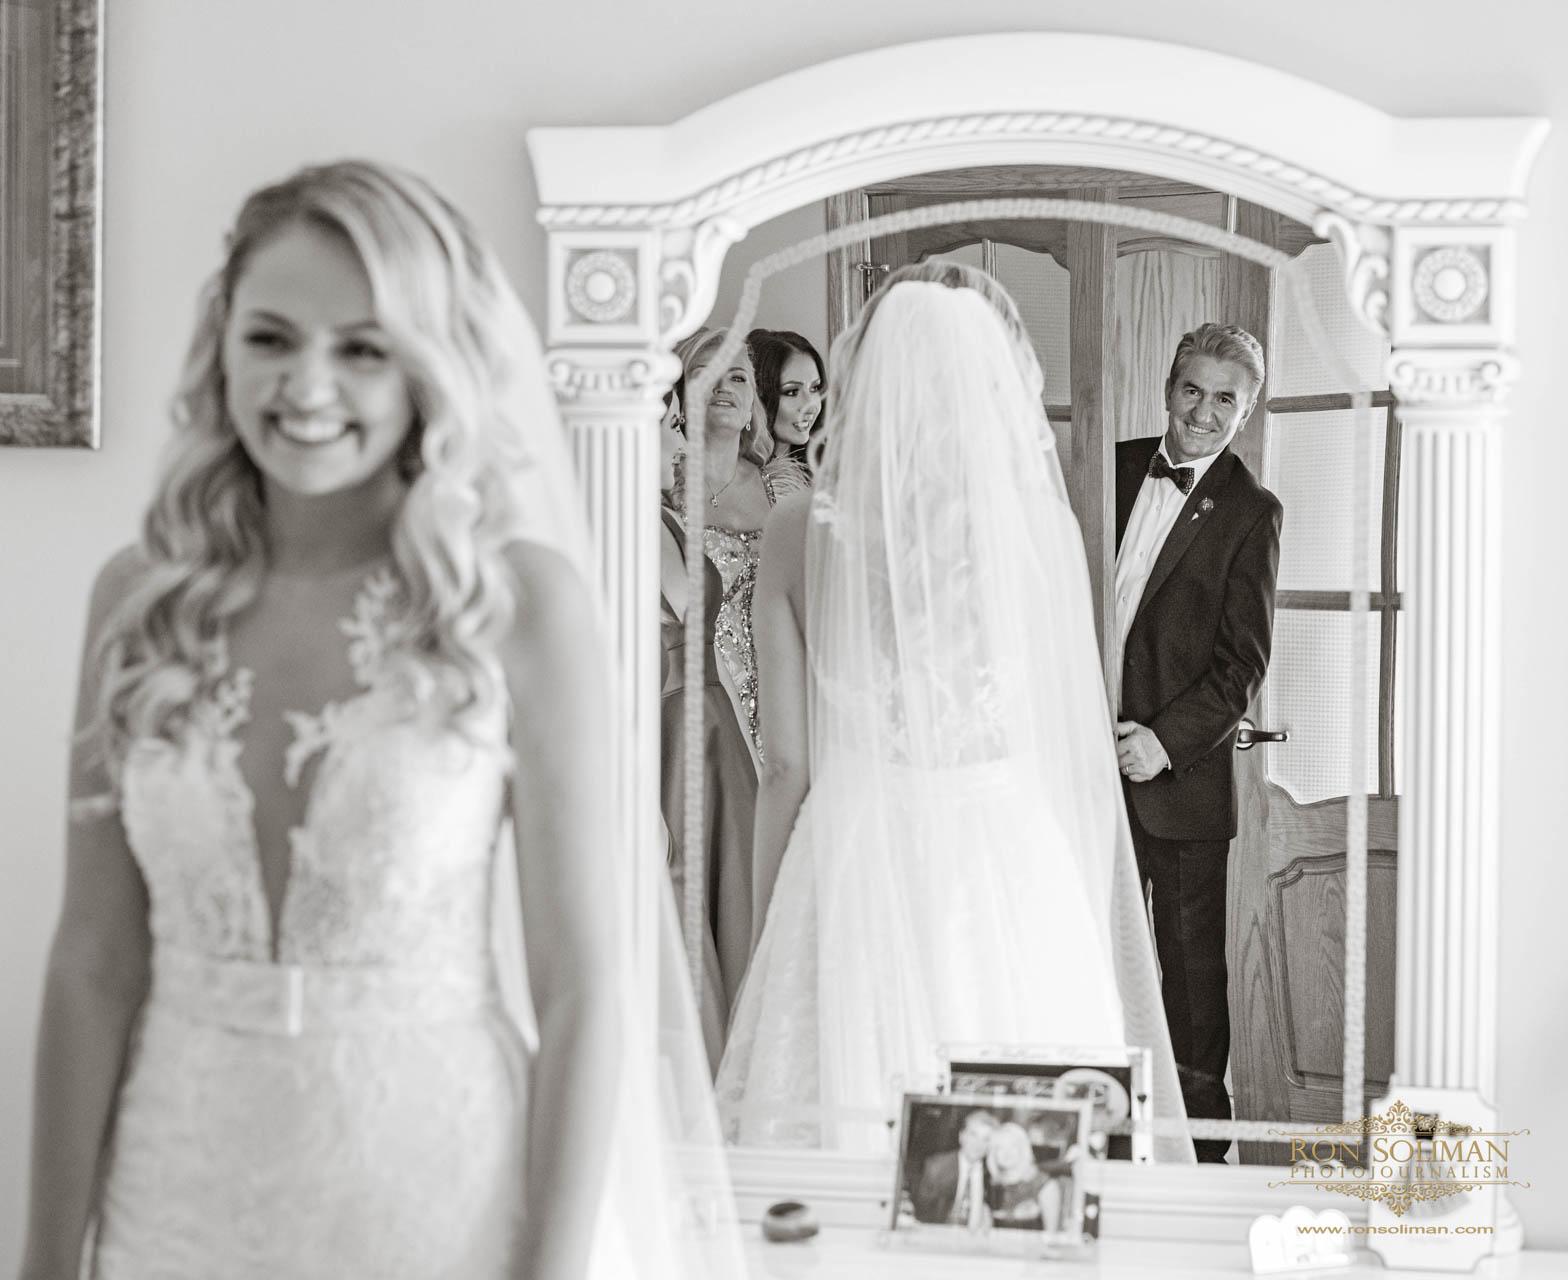 GOLDEN GATES RESTAURANT WEDDING 10